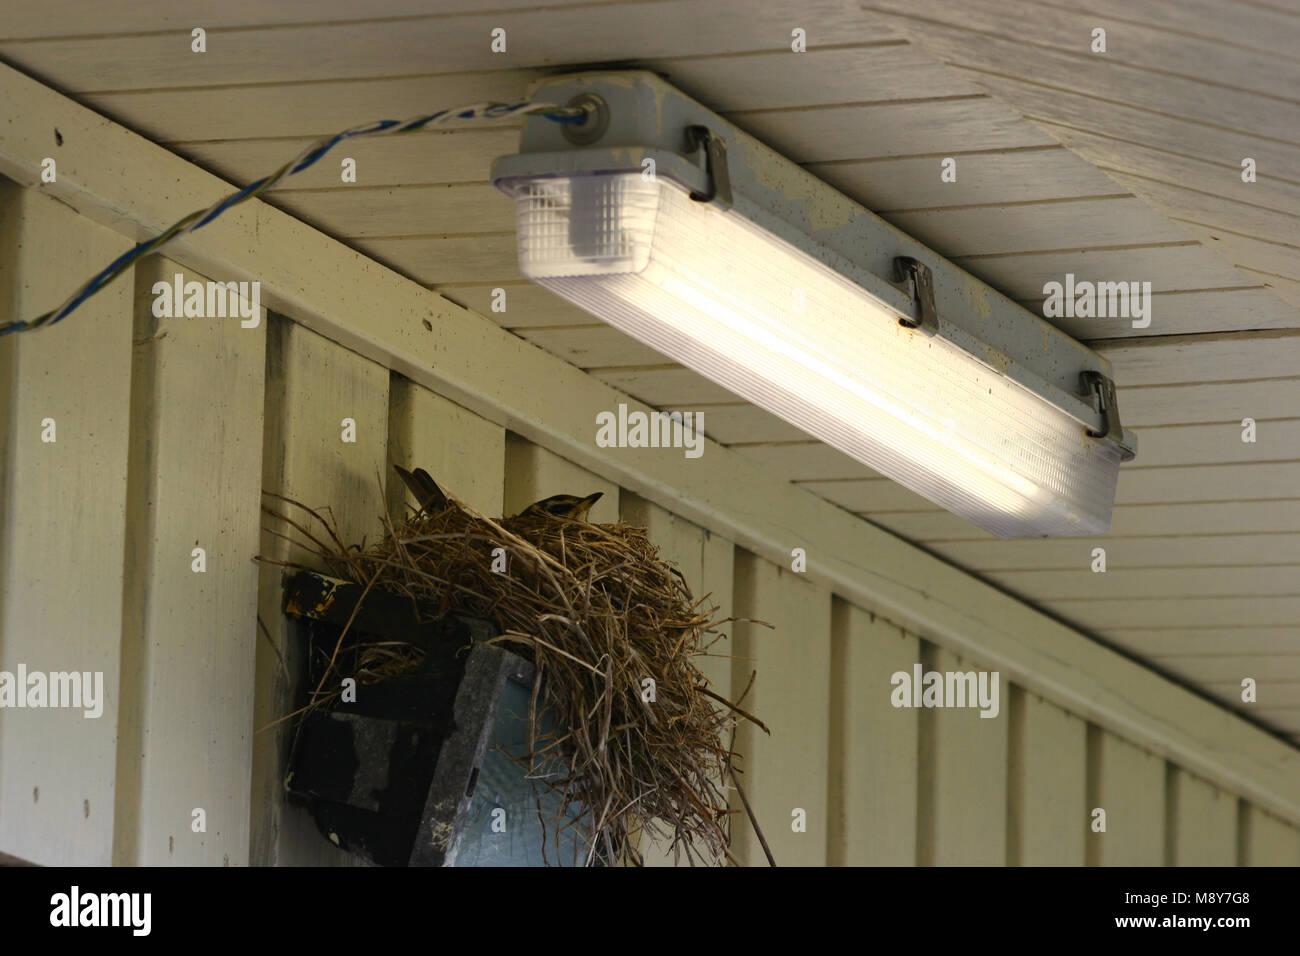 Cría Redwing Koperwiek broedend; Imagen De Stock